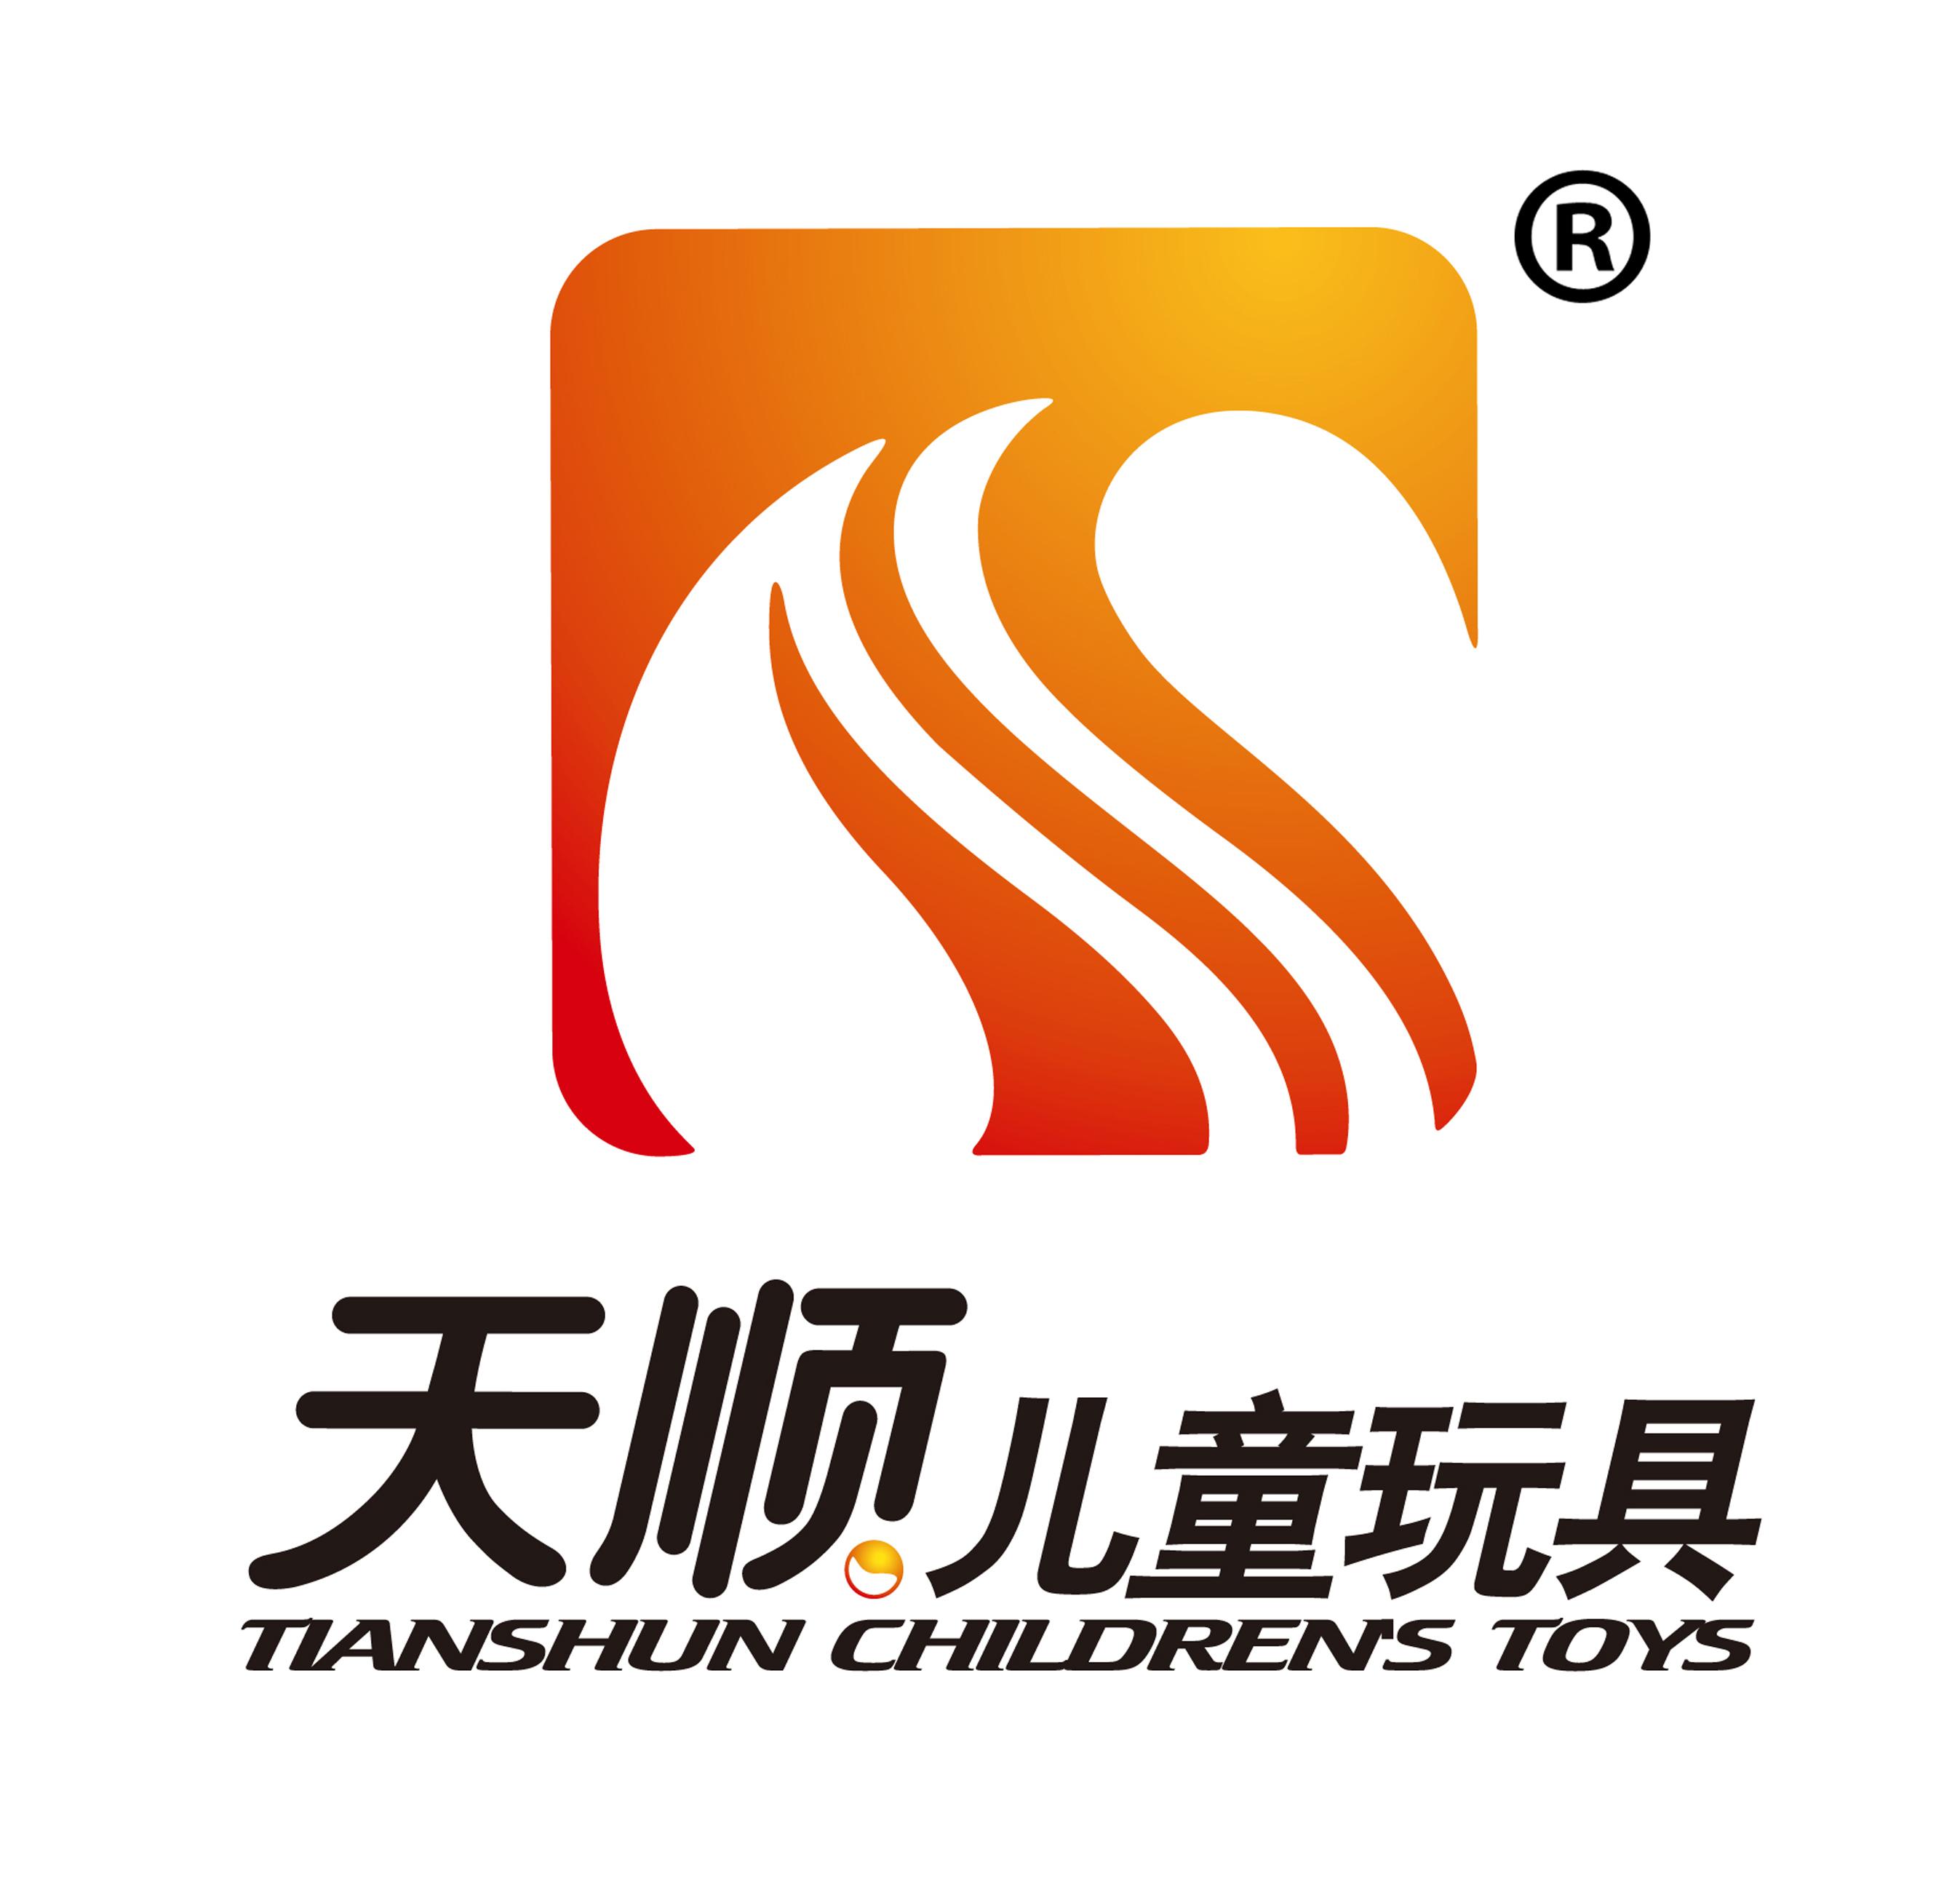 河北天順兒童玩具有限公司